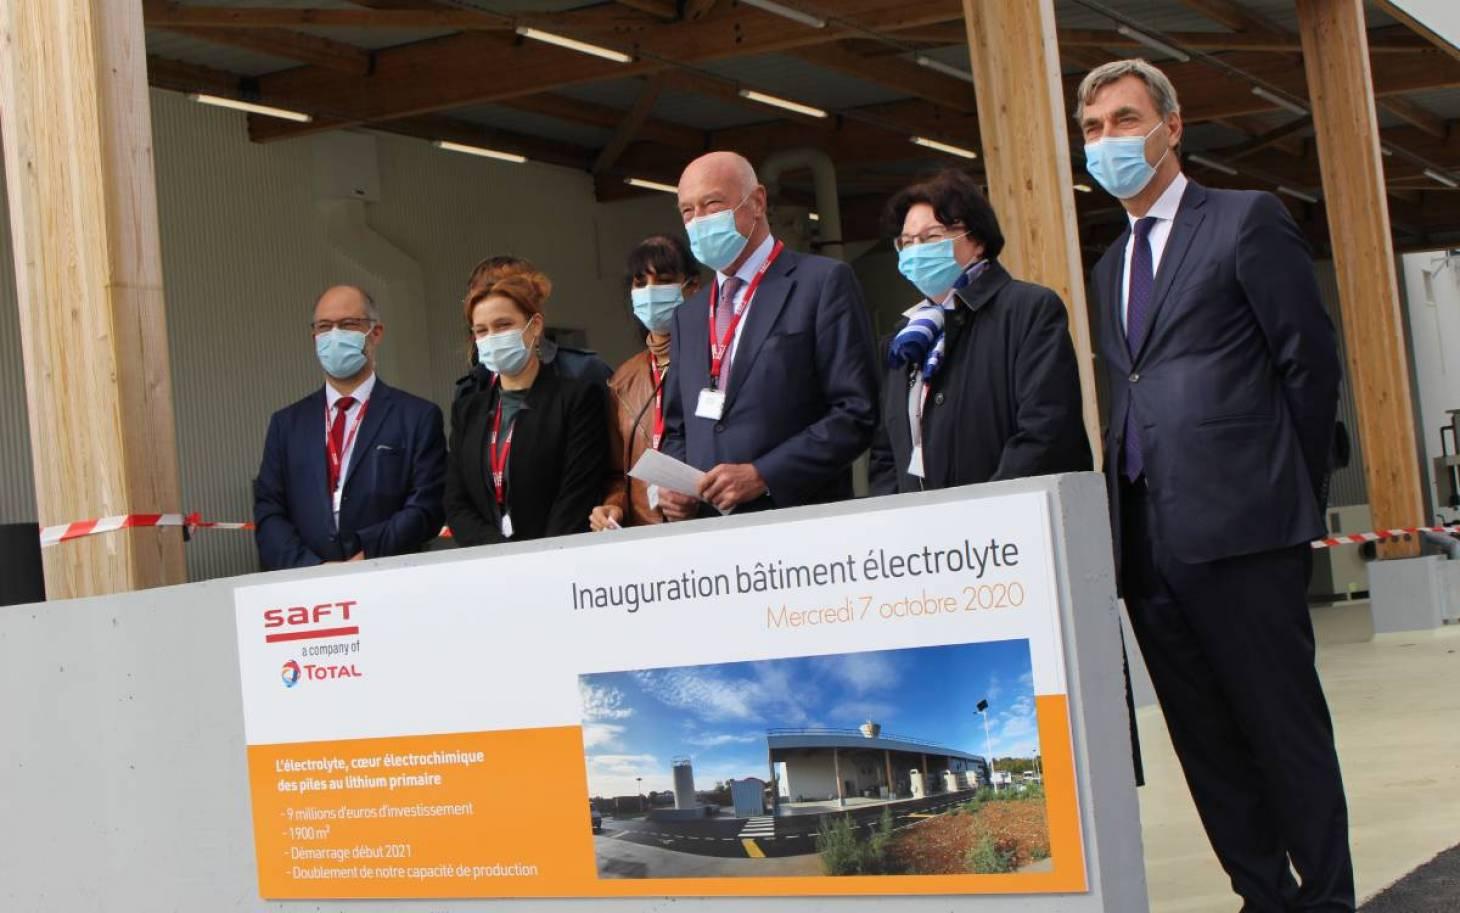 Saft double sa production d'électrolyte sur son site de Poitiers